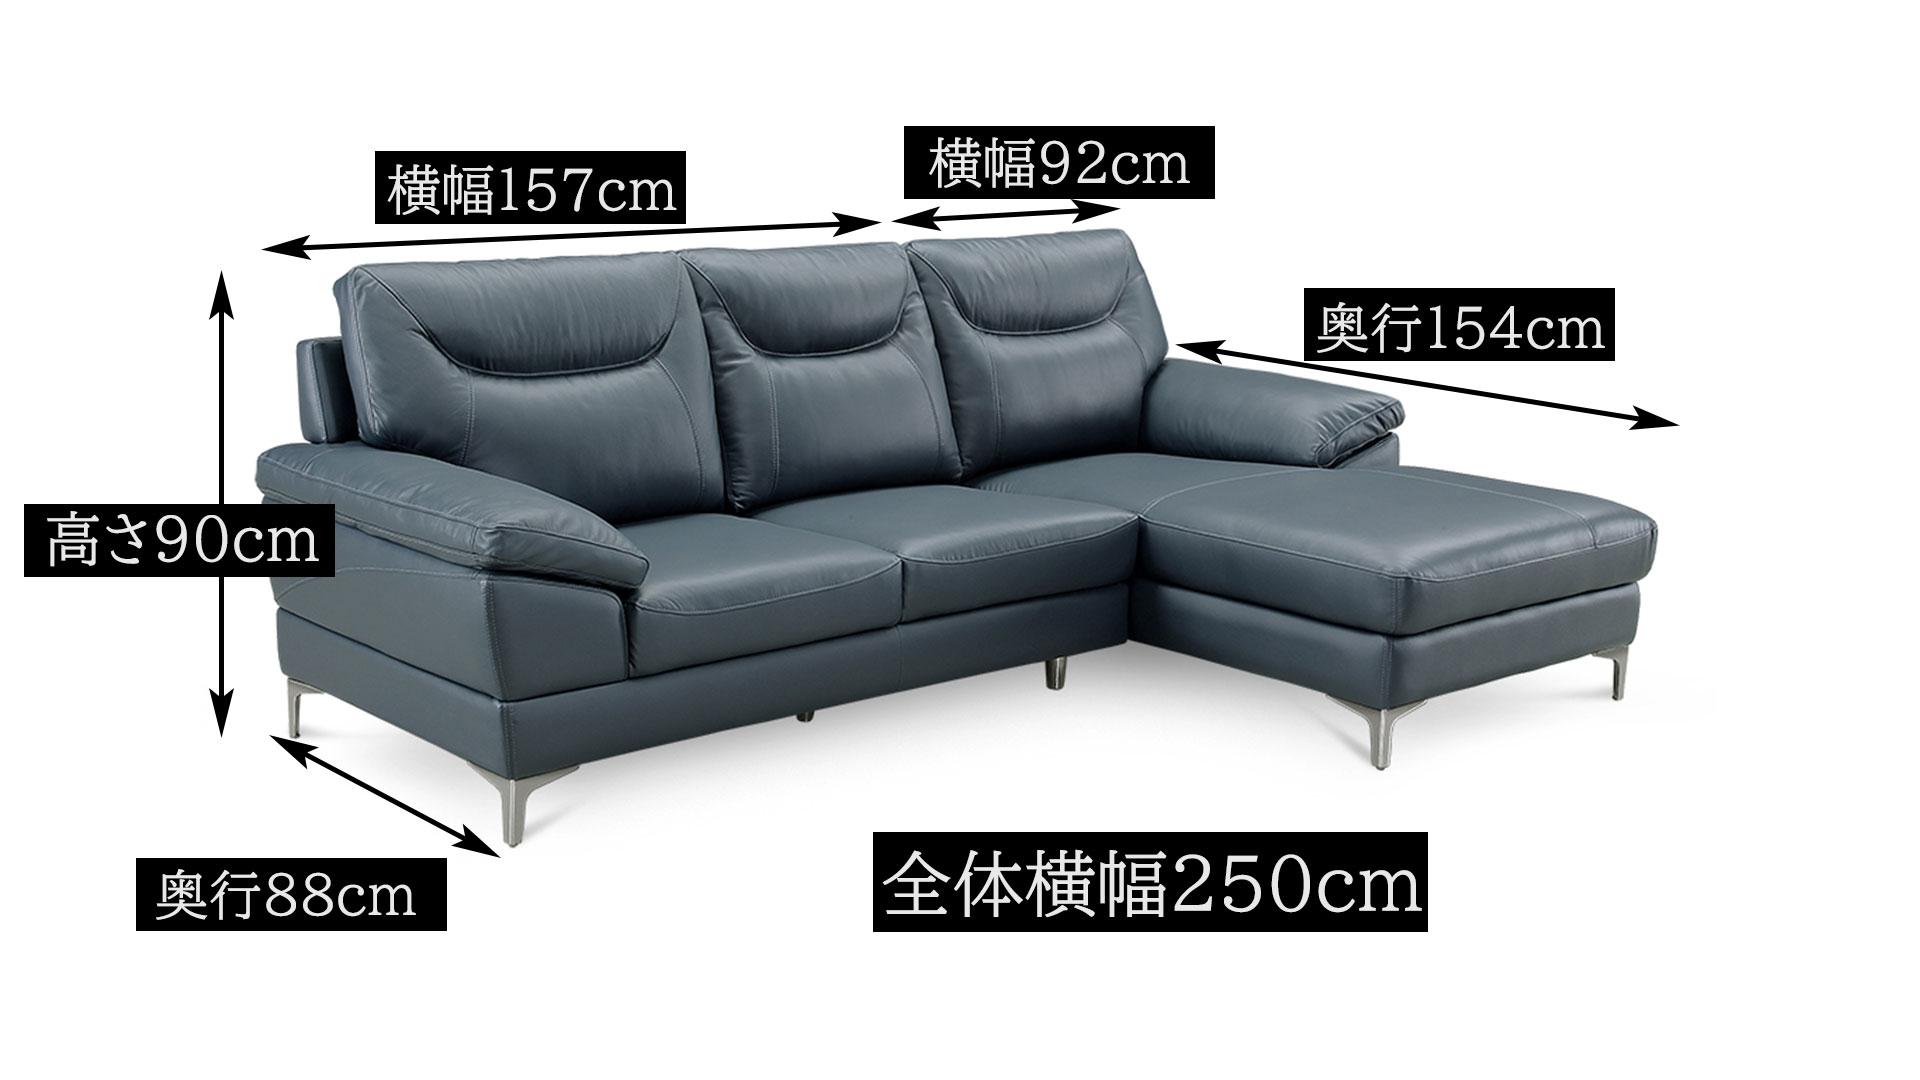 マイサカ家具7月の夏のチラシの目玉商品の本革カウチソファのサイズの画像